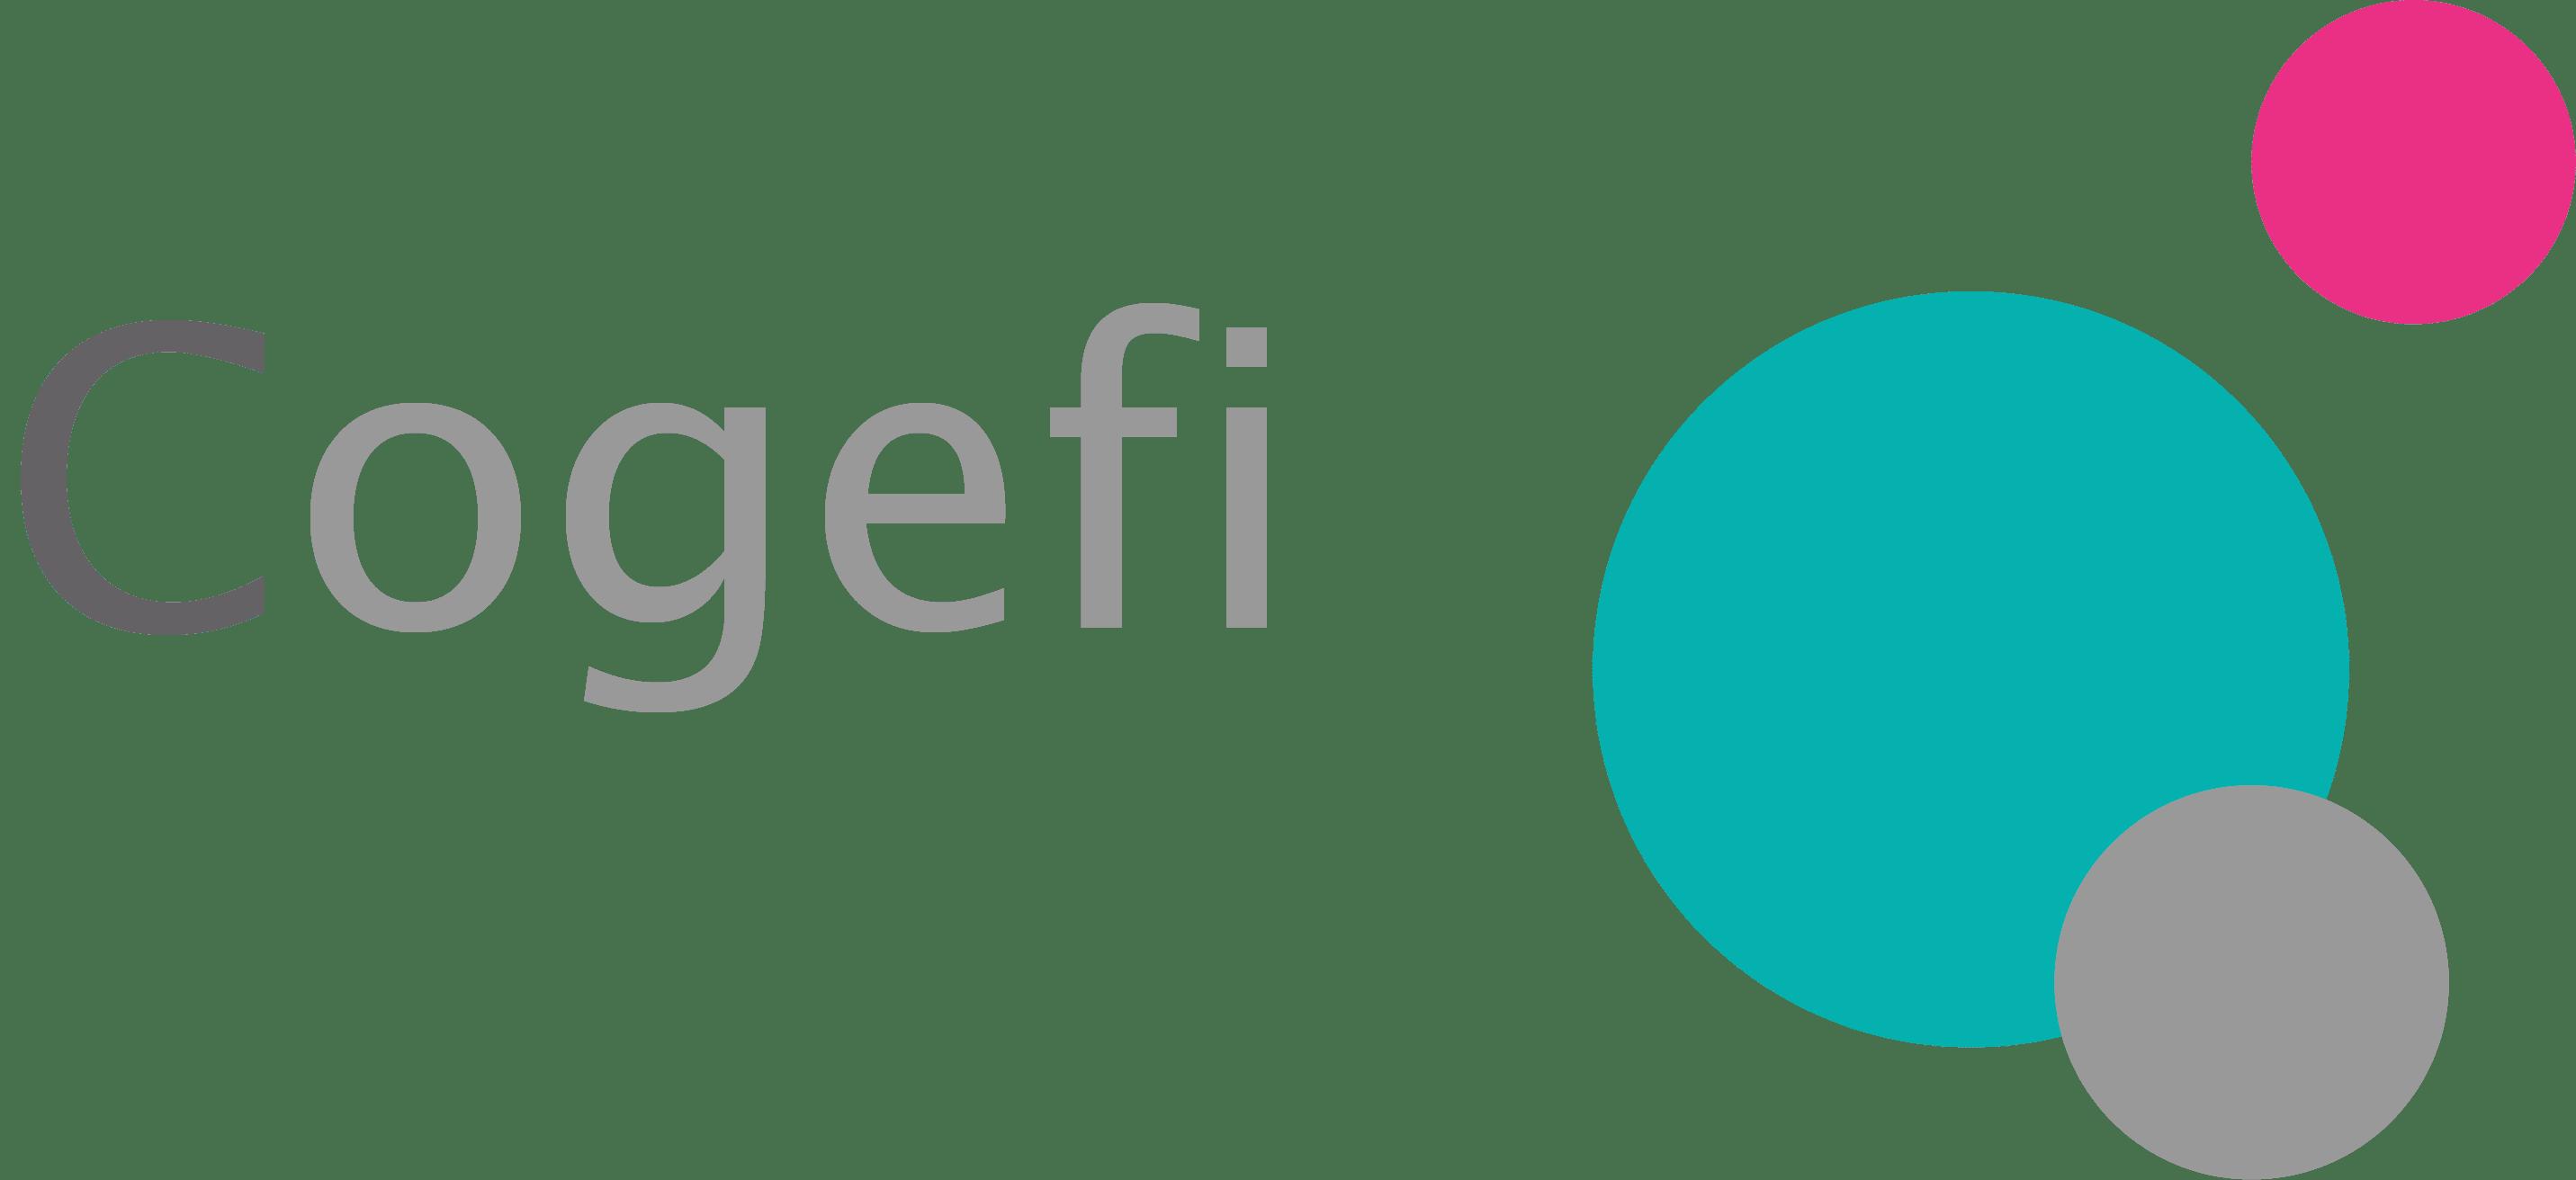 Cogefi-NB